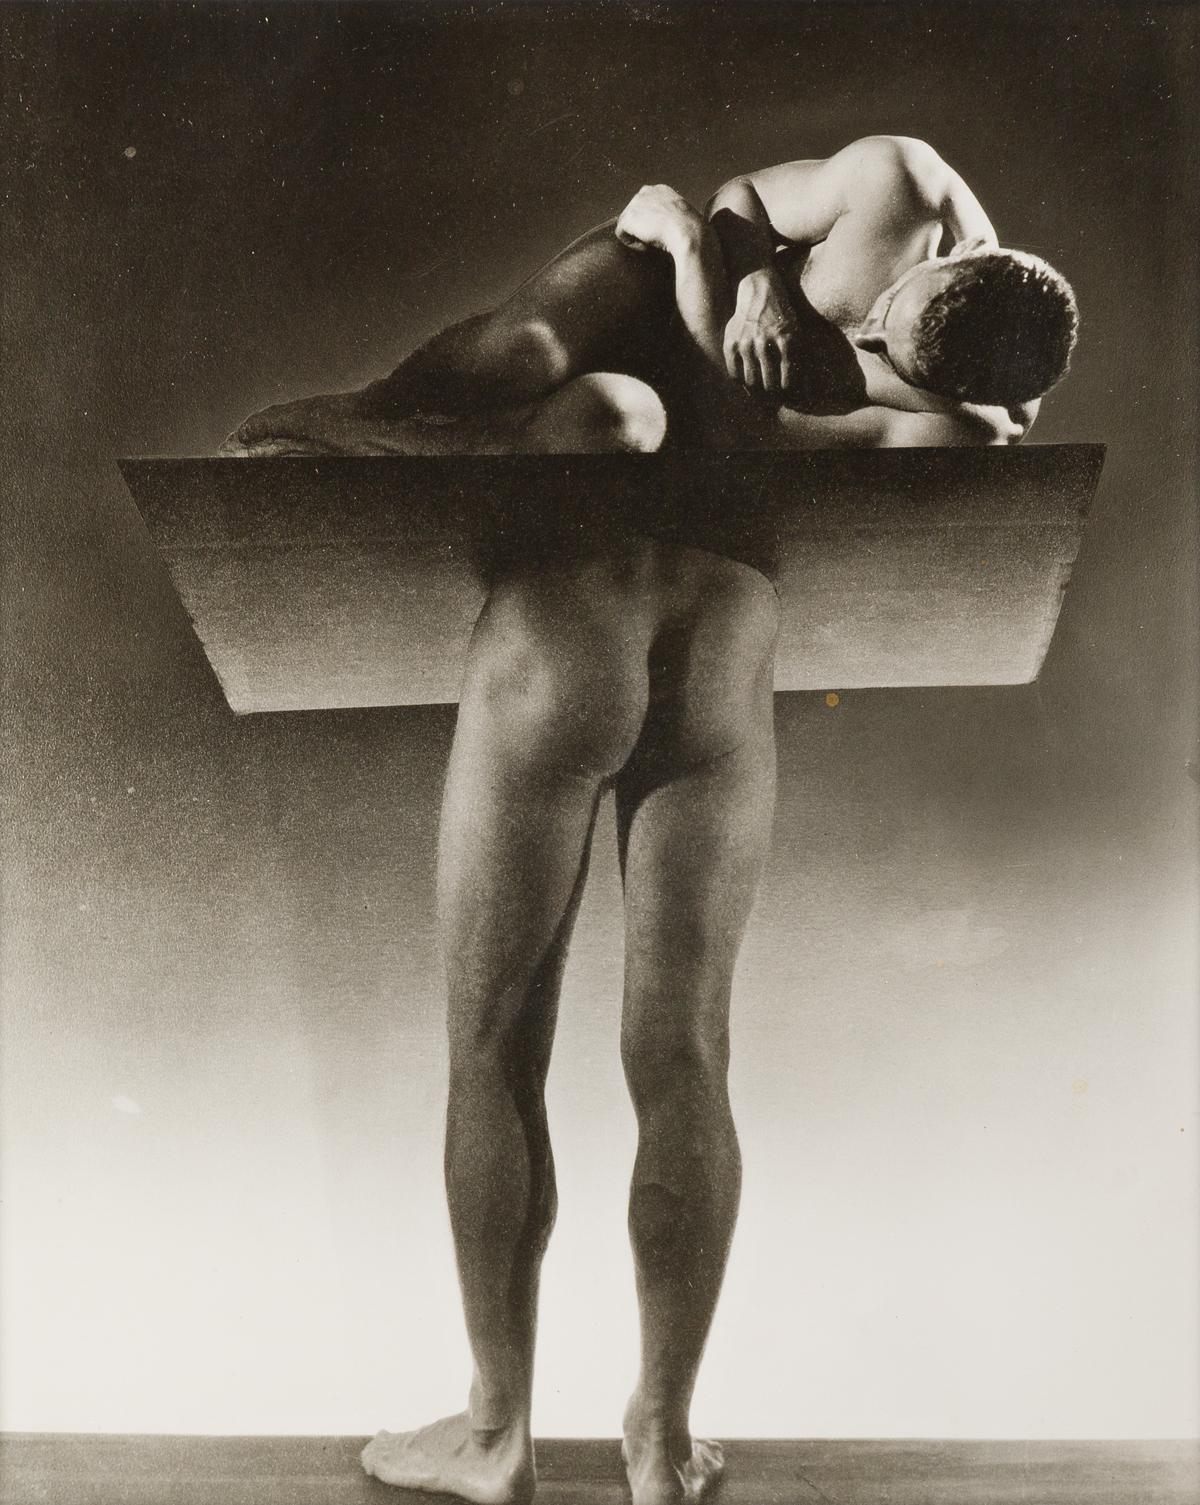 GEORGE-PLATT-LYNES-(1907-1955)-The-Sleepwalker